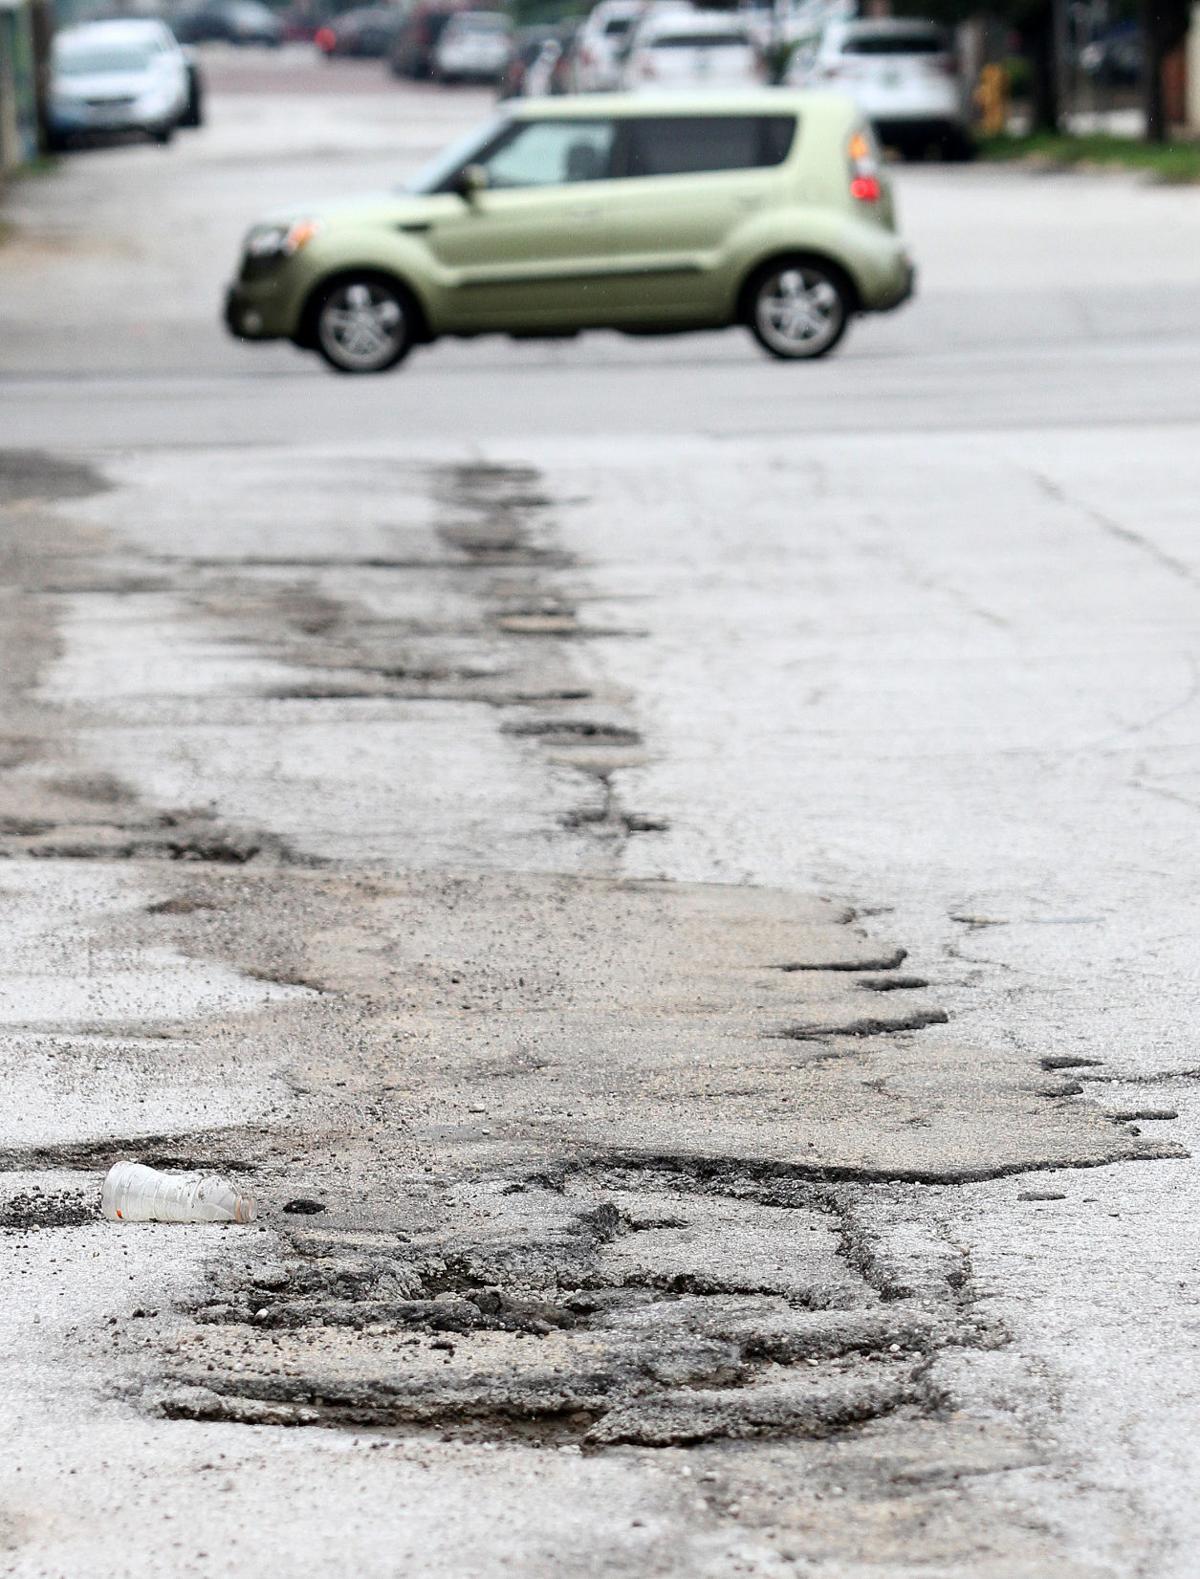 062019-qct-qca-potholes-005